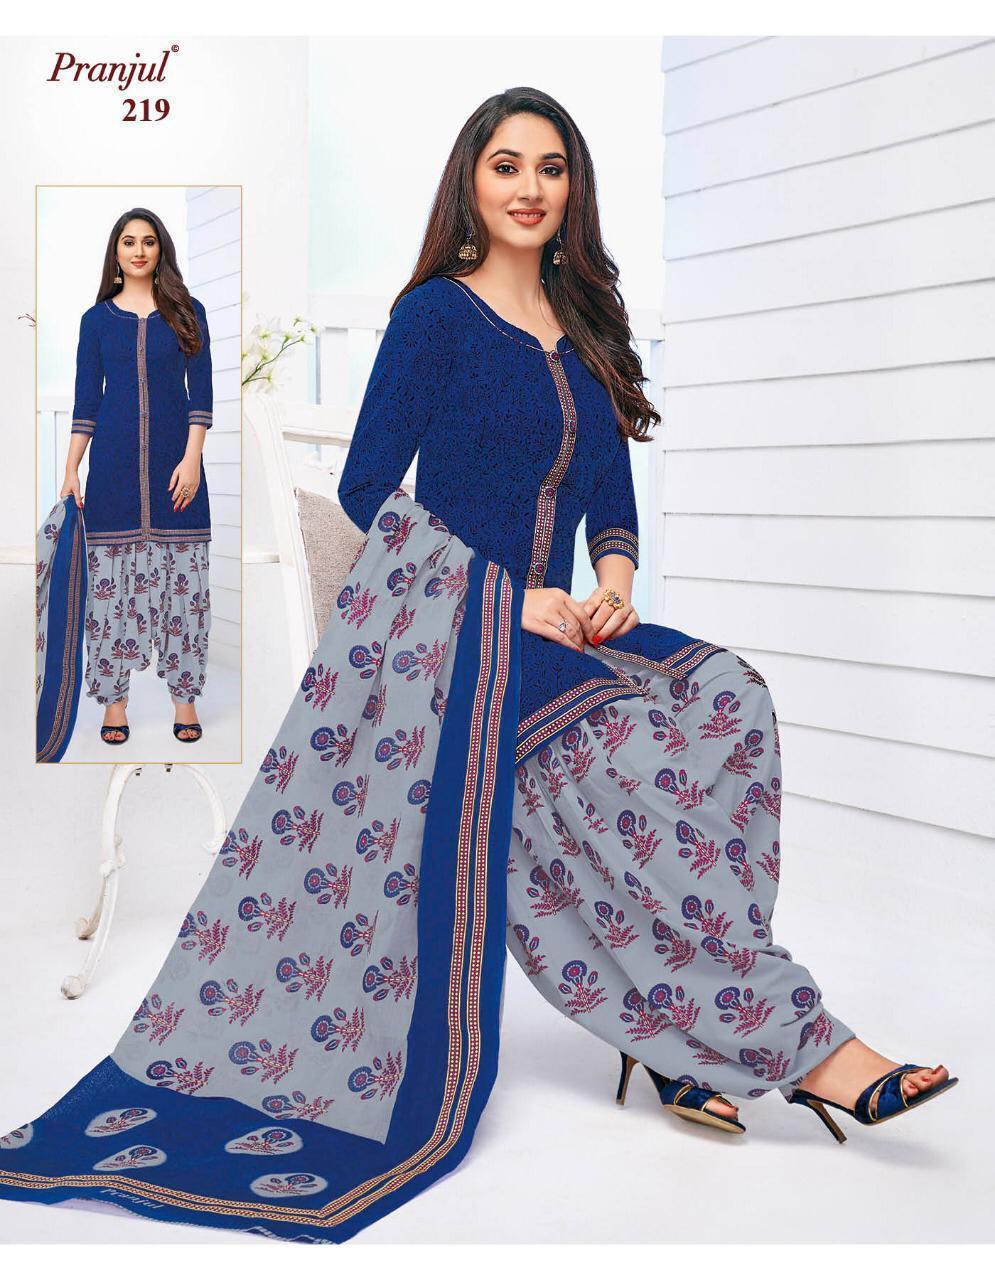 Pranjul Priyanka Vol 2 Designer Patiyala Suits Wholesale Surat